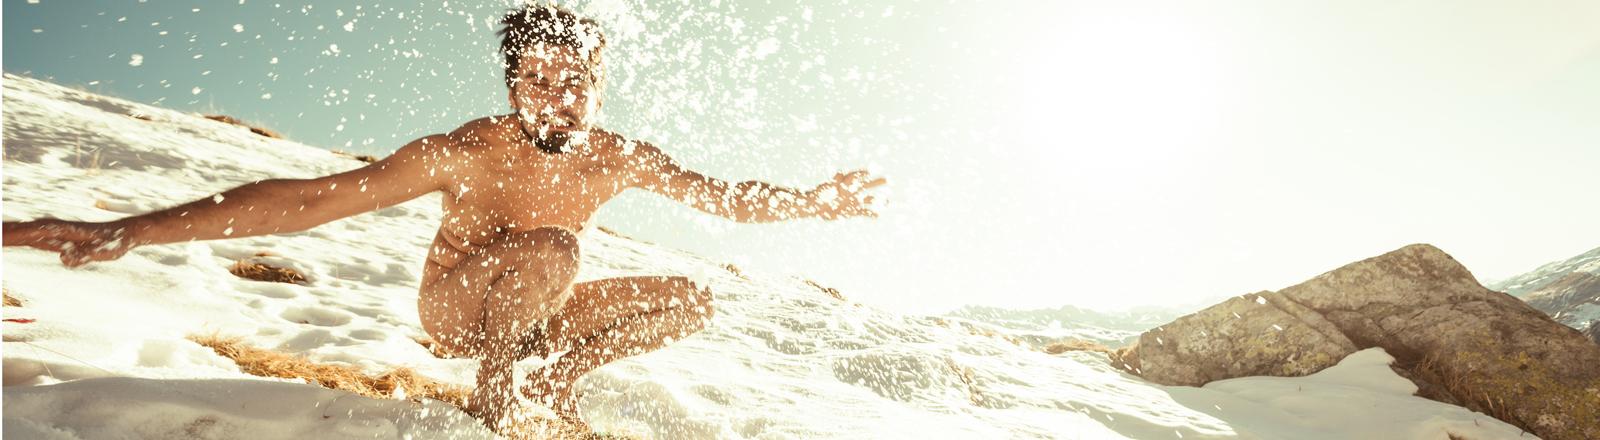 Nackter Mann springt im Sand herum